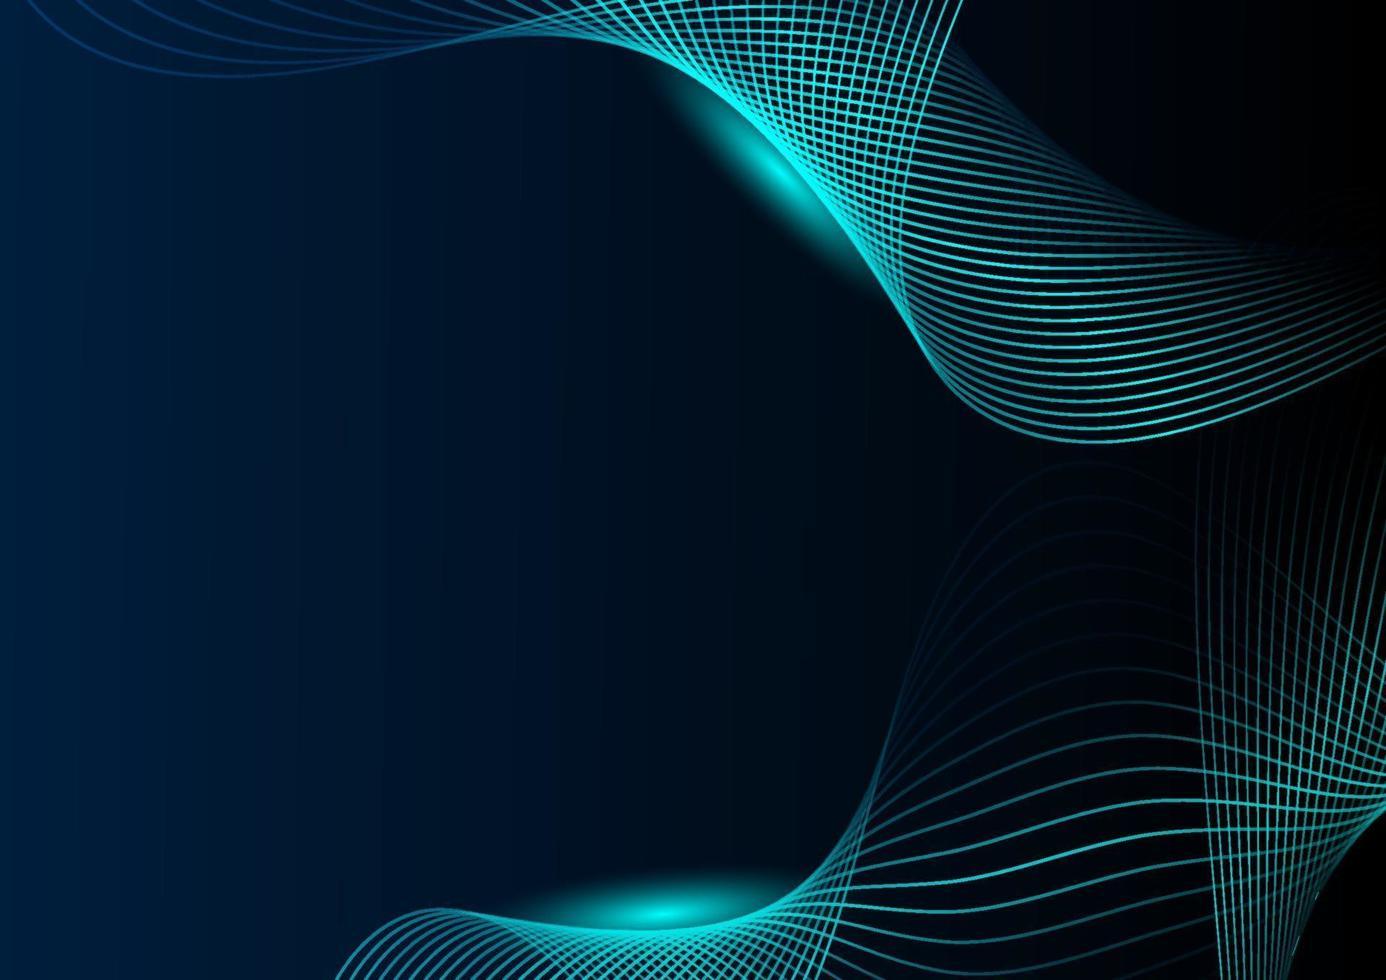 abstrakt glödande våggröna linjer på mörk bakgrund. teknik koncept. vektor